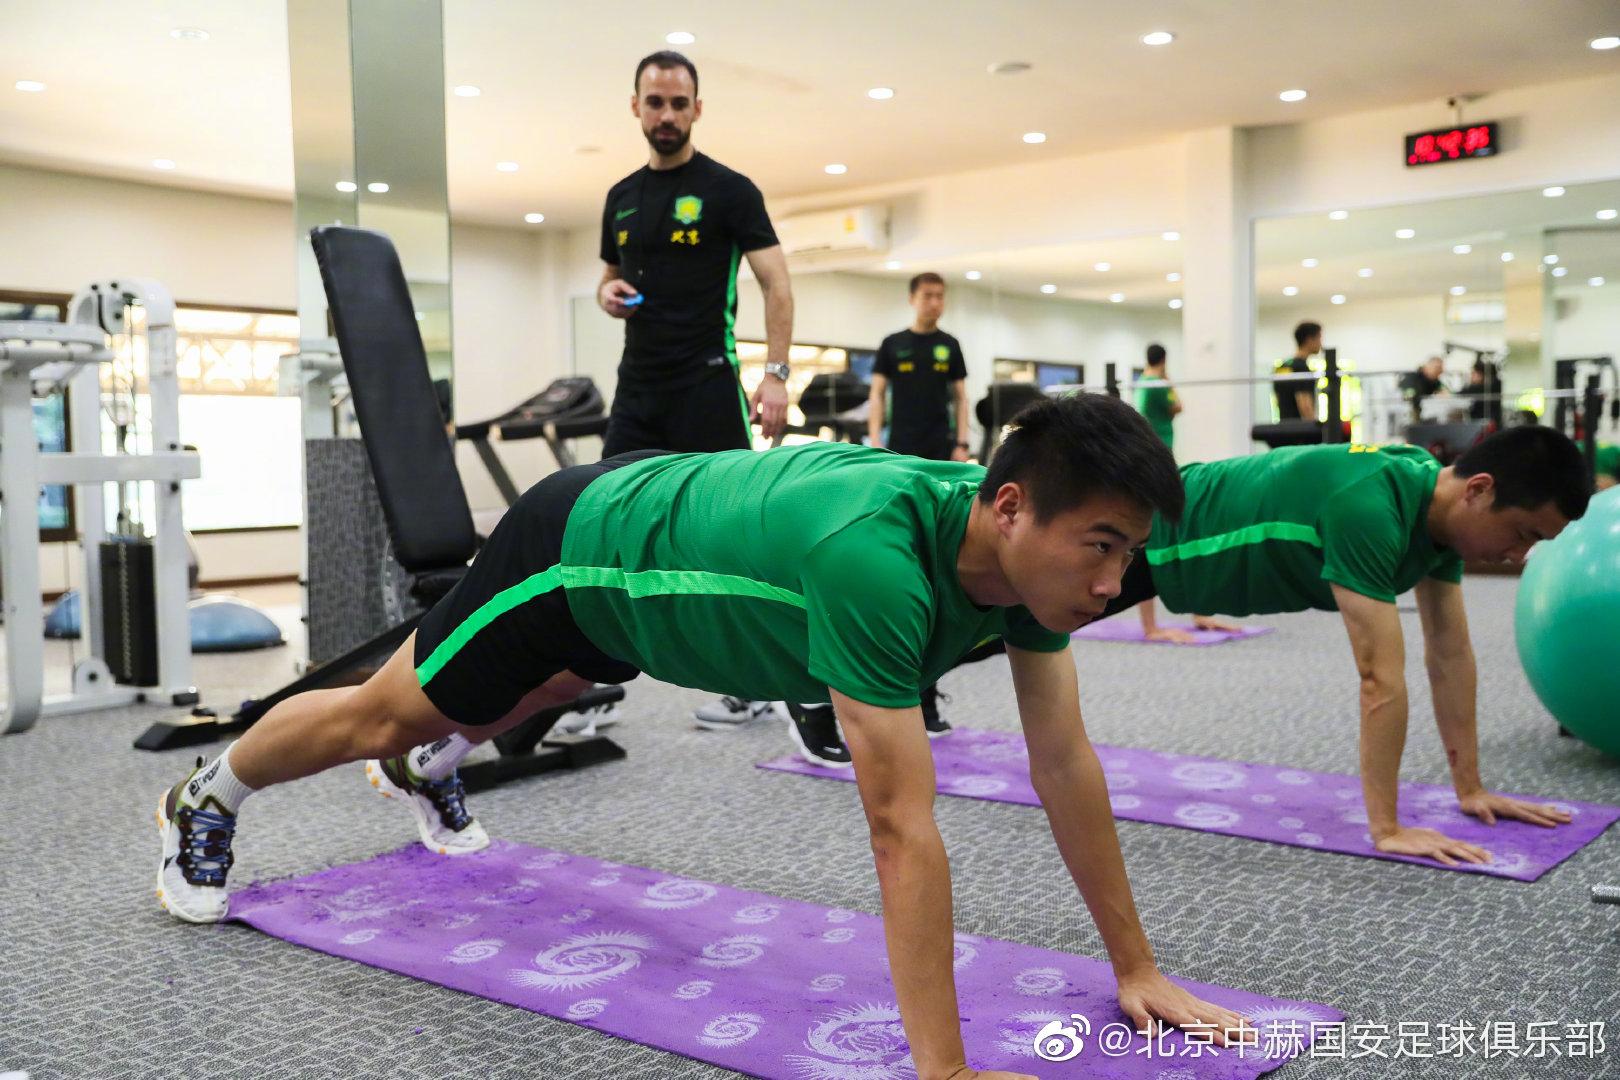 新京报:国安驻地环境良好,不少队员主动去健身房加练